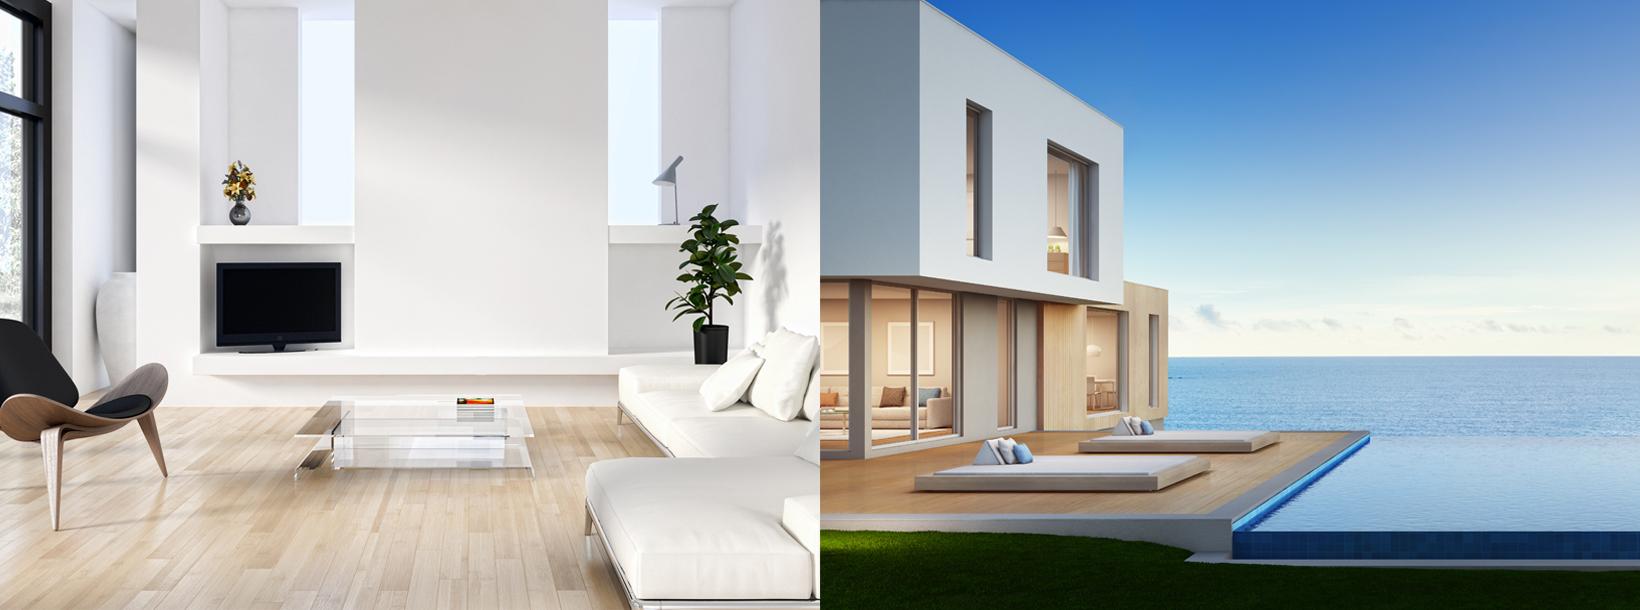 Especialistas en pisos lujo Barcelona y casas Costa Brava